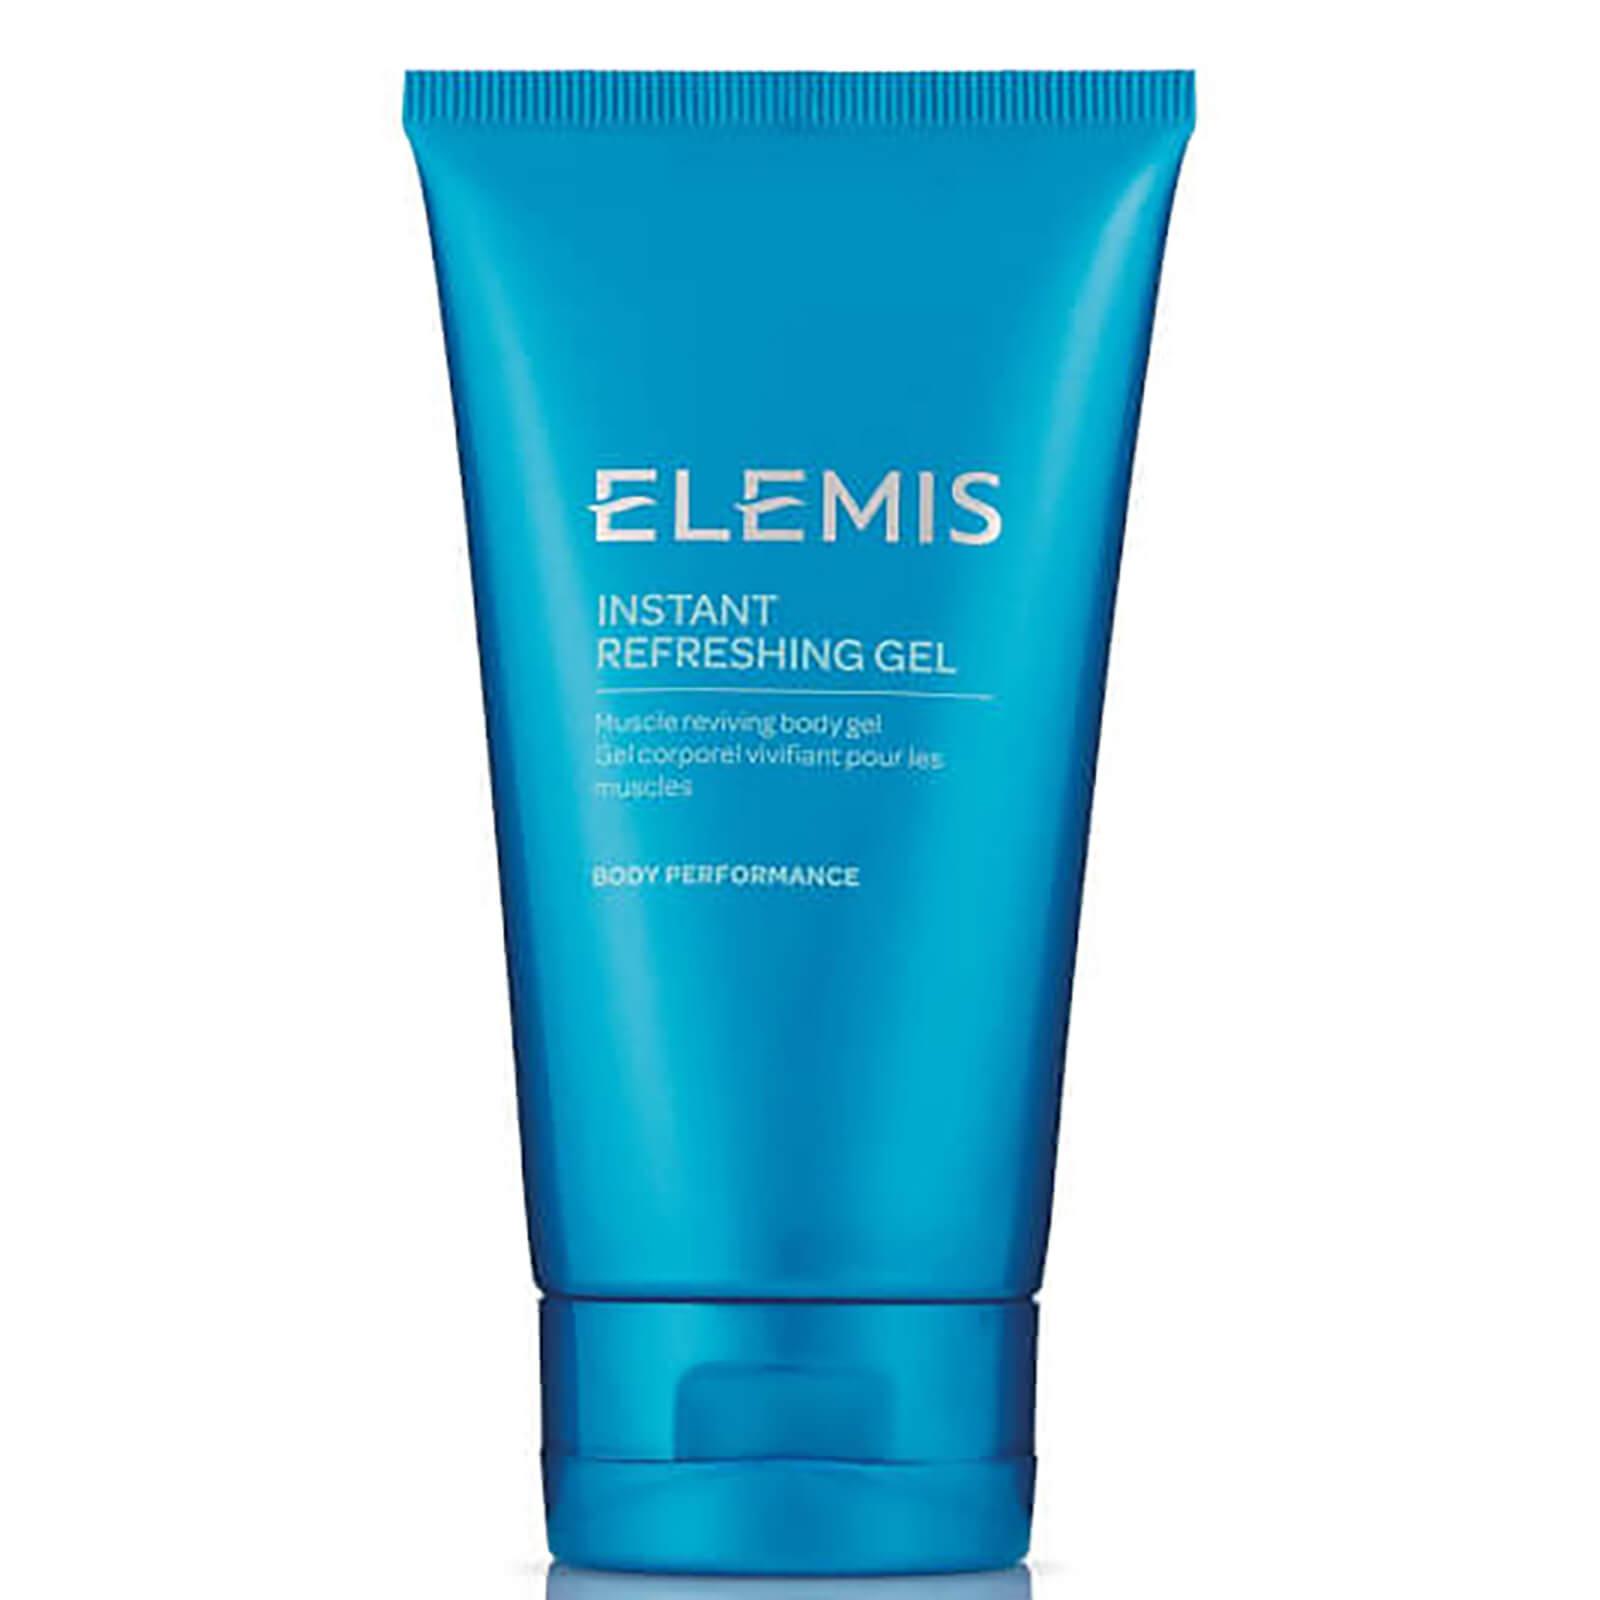 Elemis Gel rafraîchissant instanté Elemis - 150ml